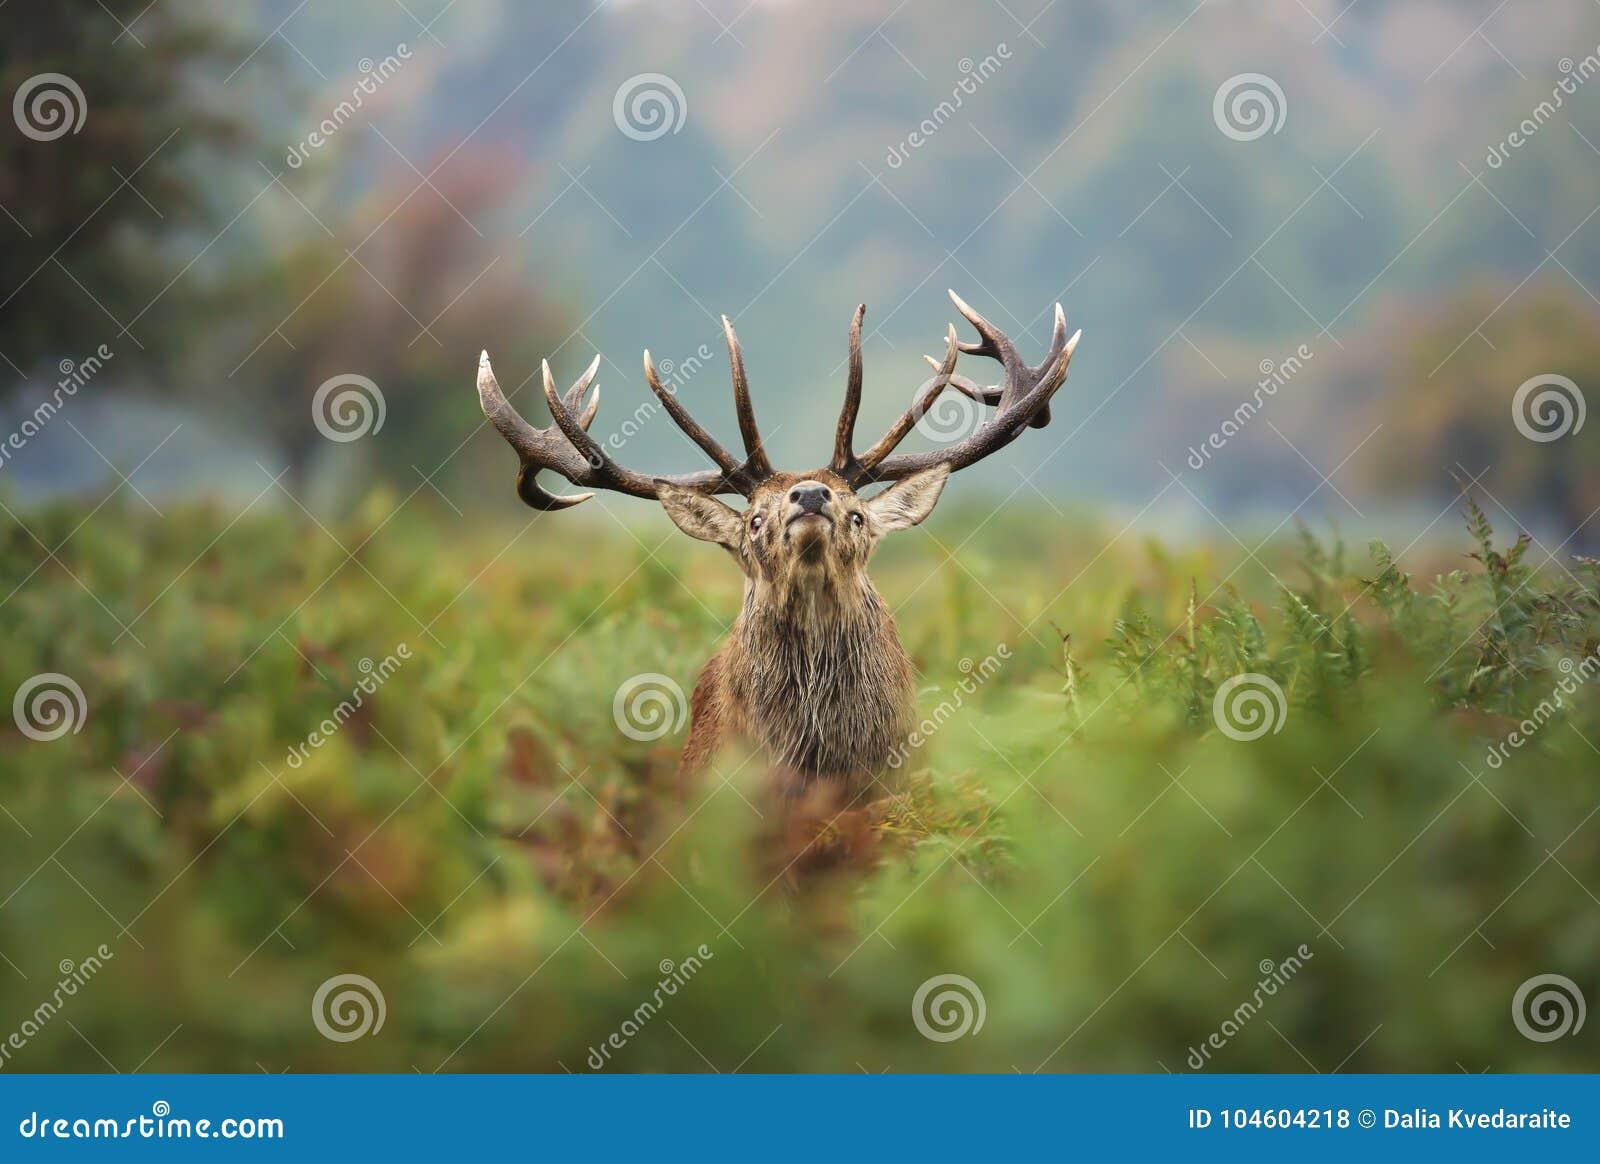 Рогач красных оленей во время колейности